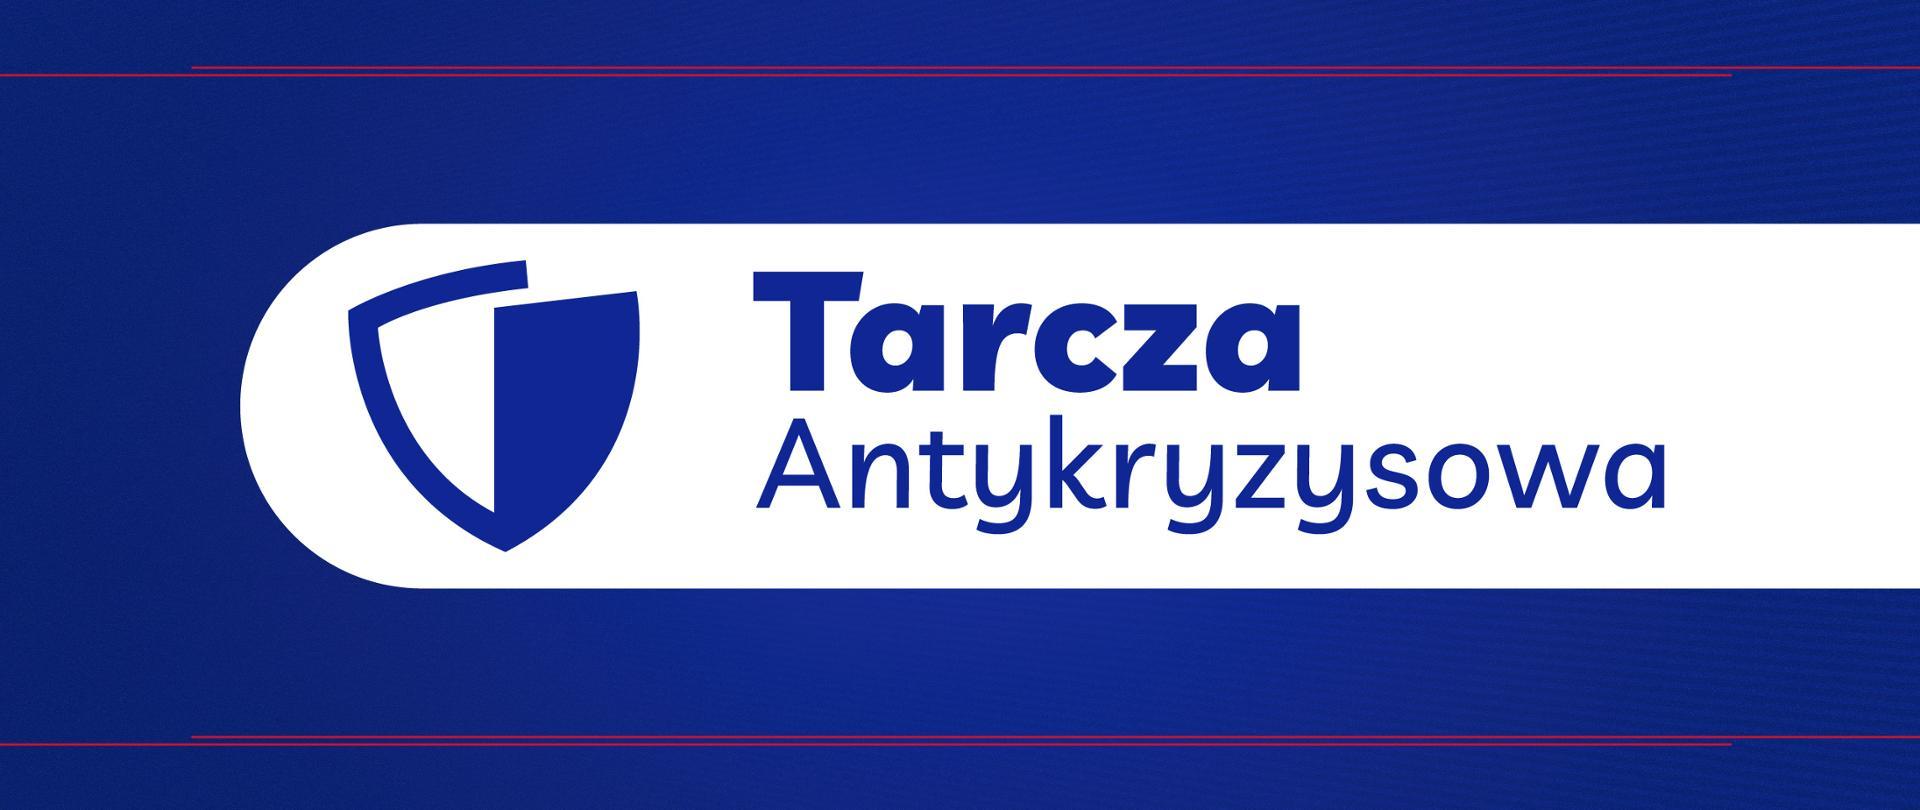 Na niebieskim tle biały pasek na którym po lewej stronie jest biało niebieska tarcza a po prawej stronie napis Tarcza Antykryzysowa